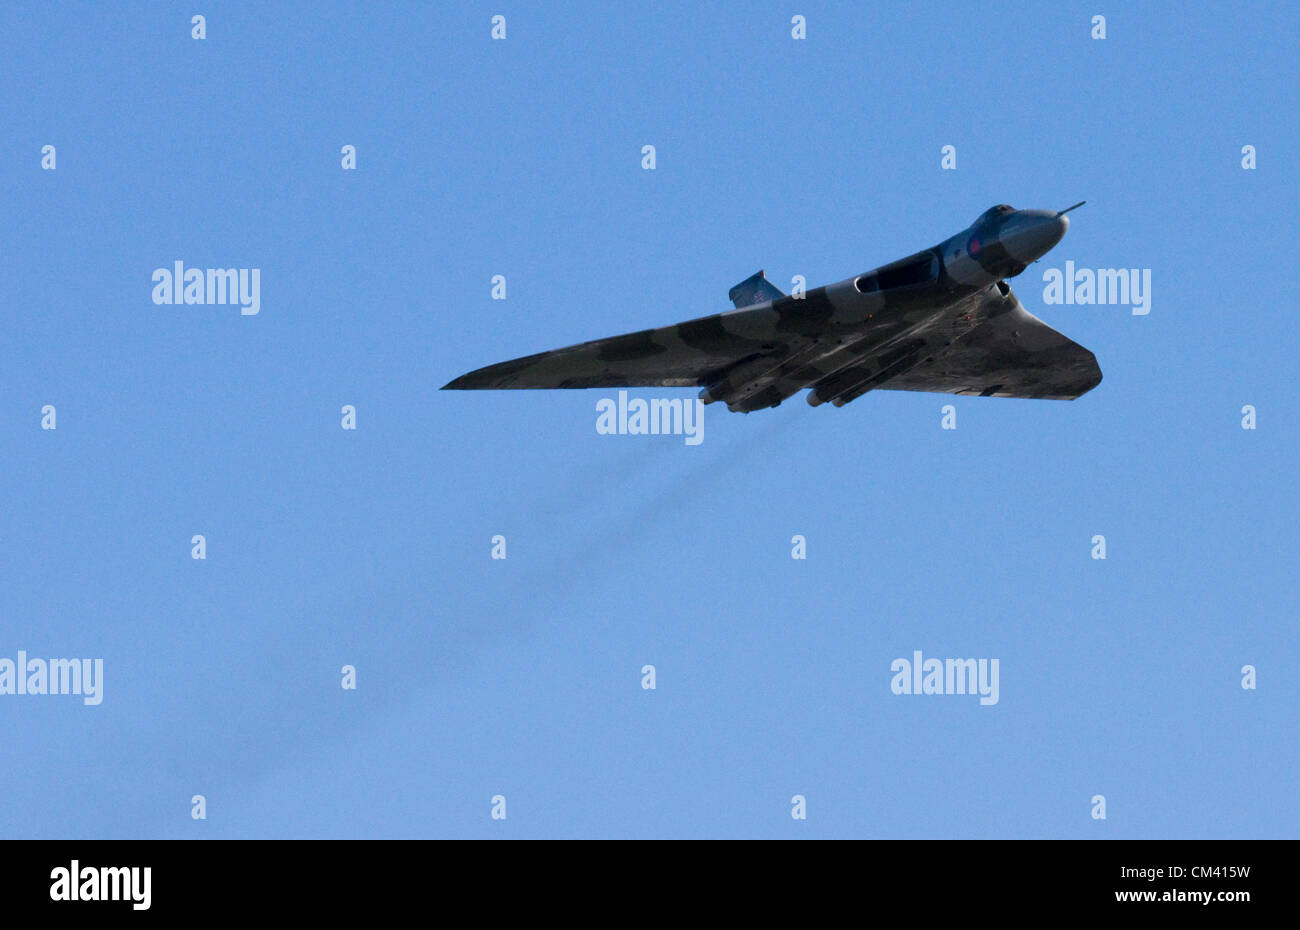 Restaurado Bombardero Vulcan XH558 hace un aeródromo flypast en Filton Bristol el 29 de septiembre de 2012. Imagen De Stock